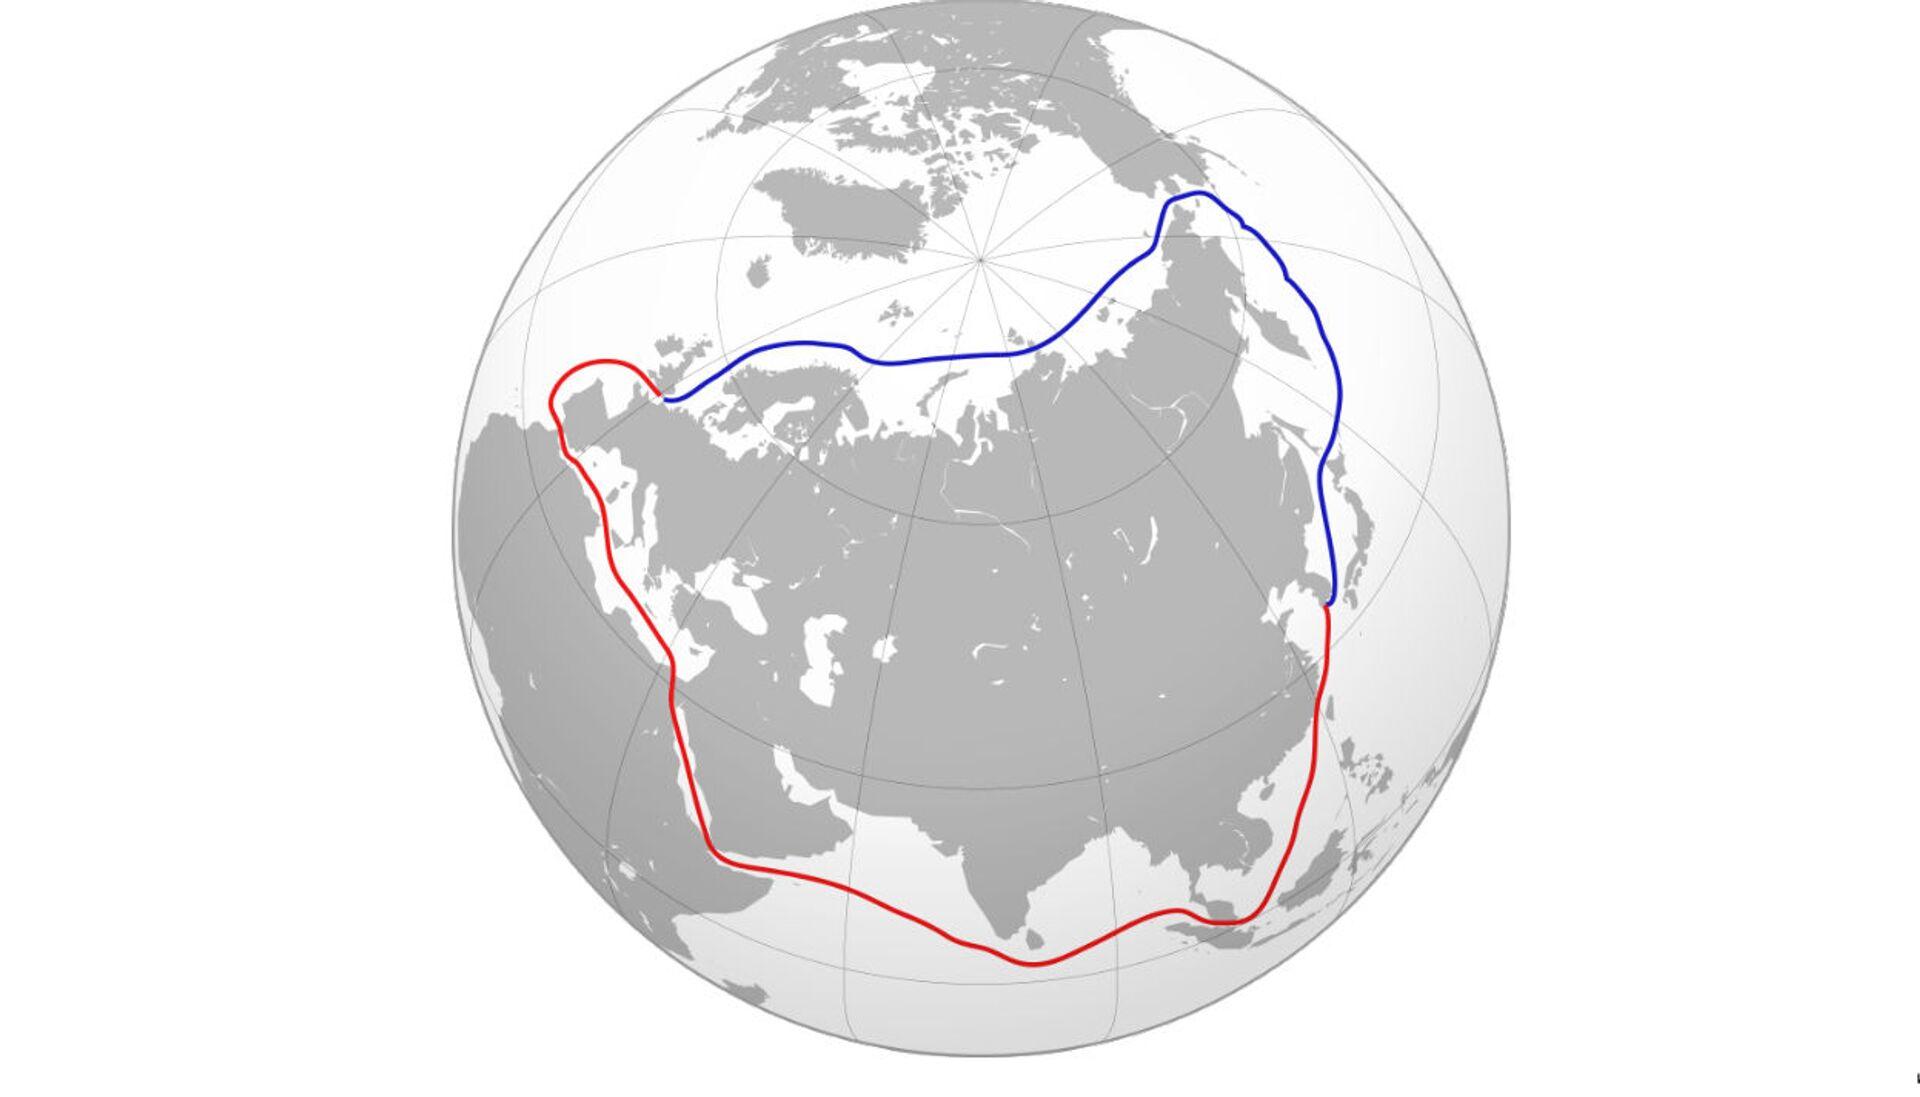 Phương án thay thế Kênh đào Suez do Nga đề xuất có tiềm năng lớn - Sputnik Việt Nam, 1920, 29.03.2021